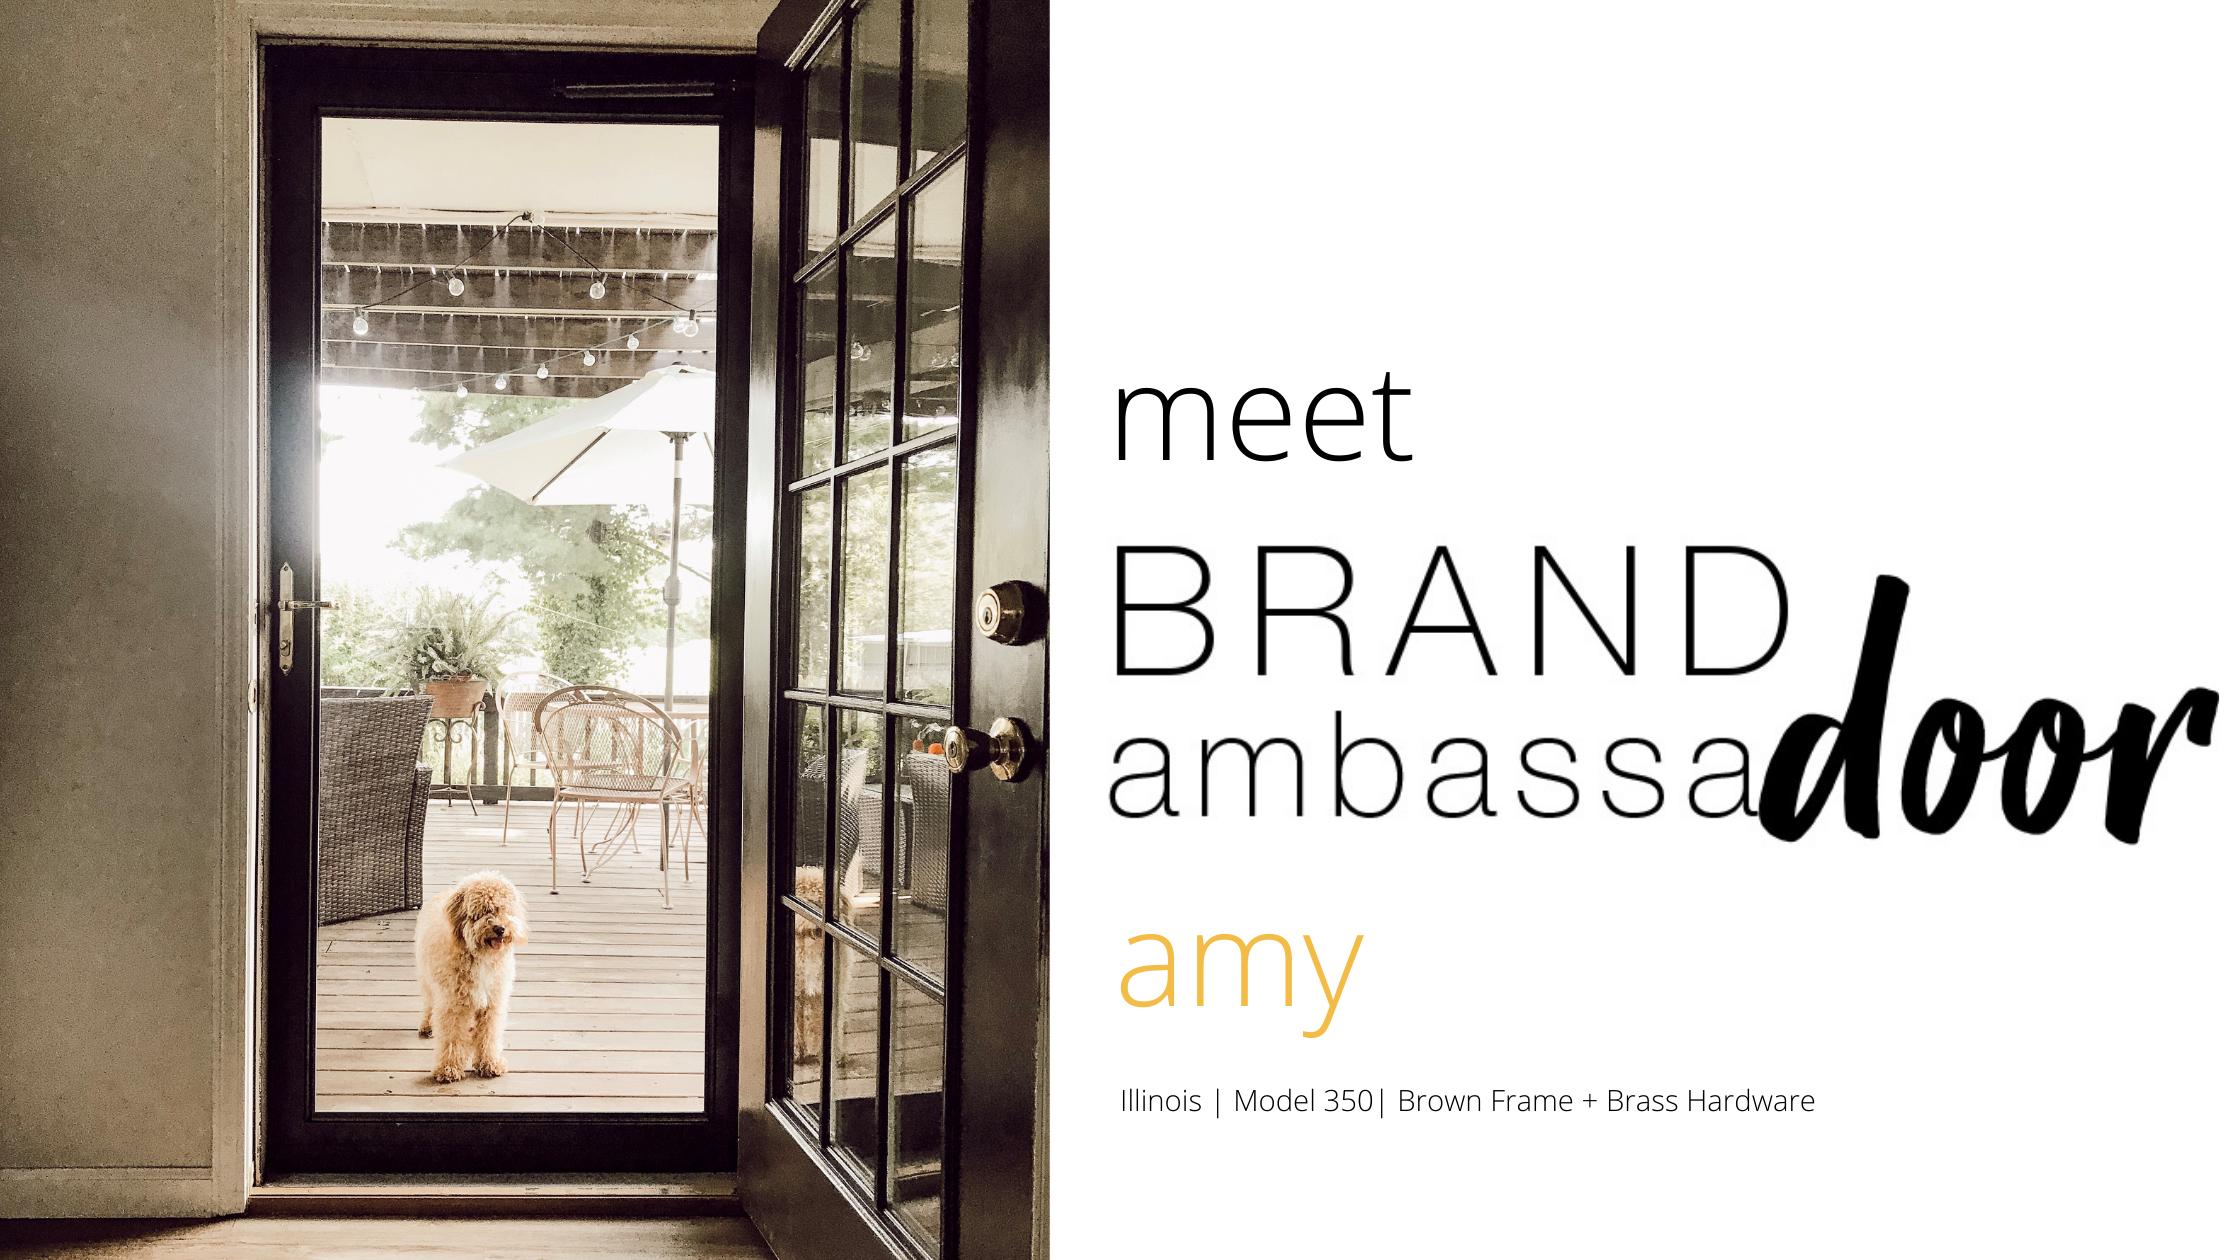 Meet Brand Ambassadoor | Amy